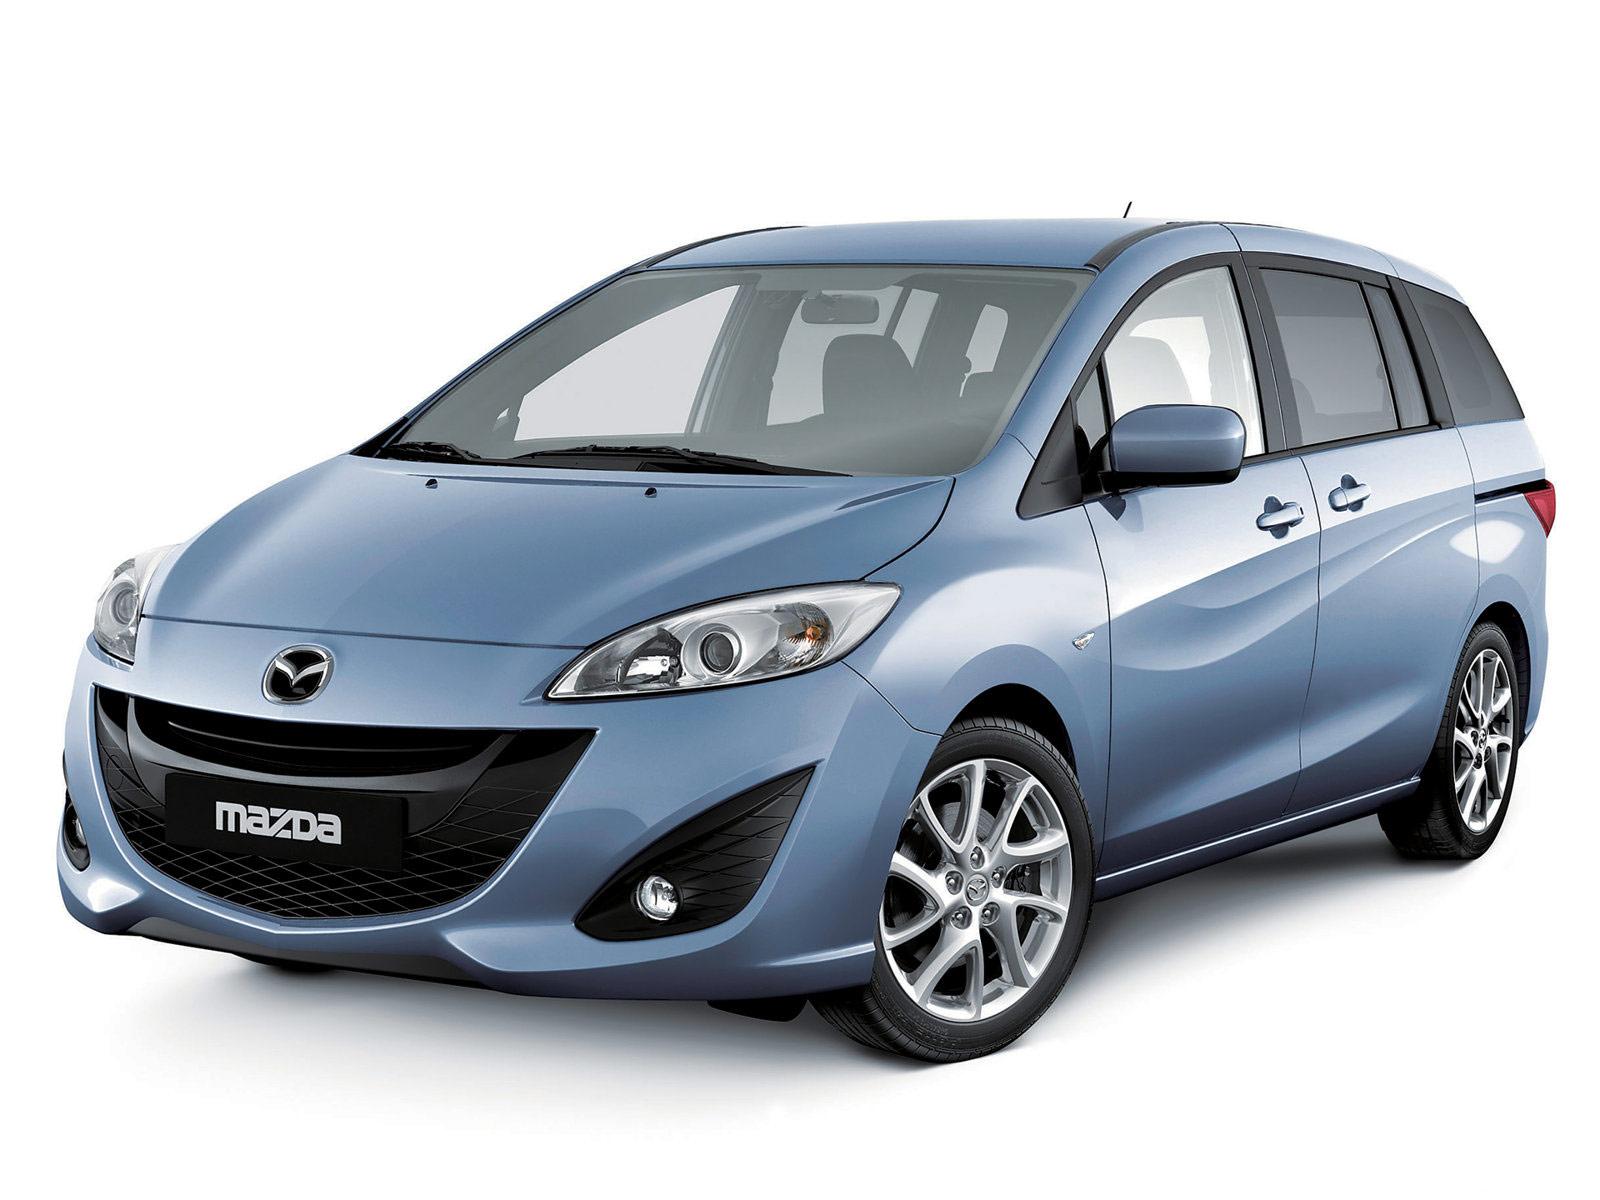 Kekurangan Mazda 5 2011 Tangguh